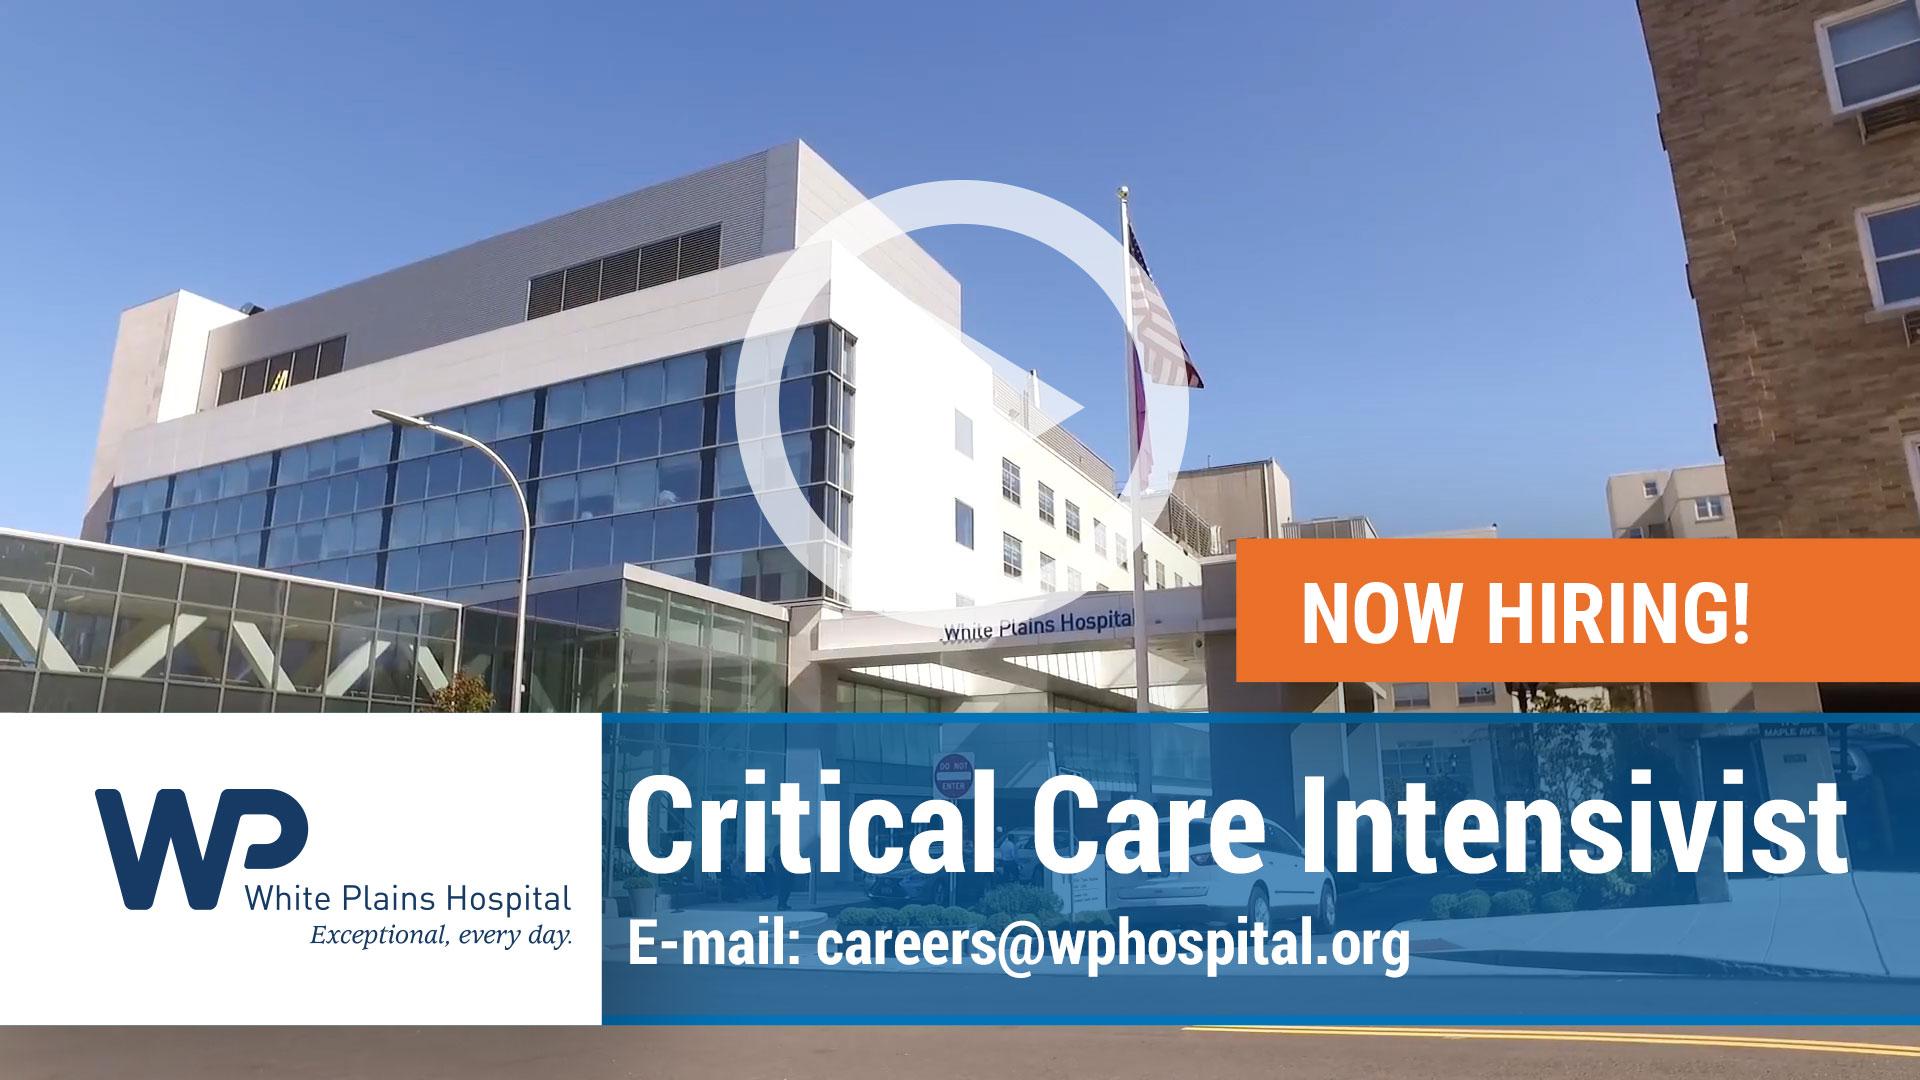 critical care intensivist physician  employment